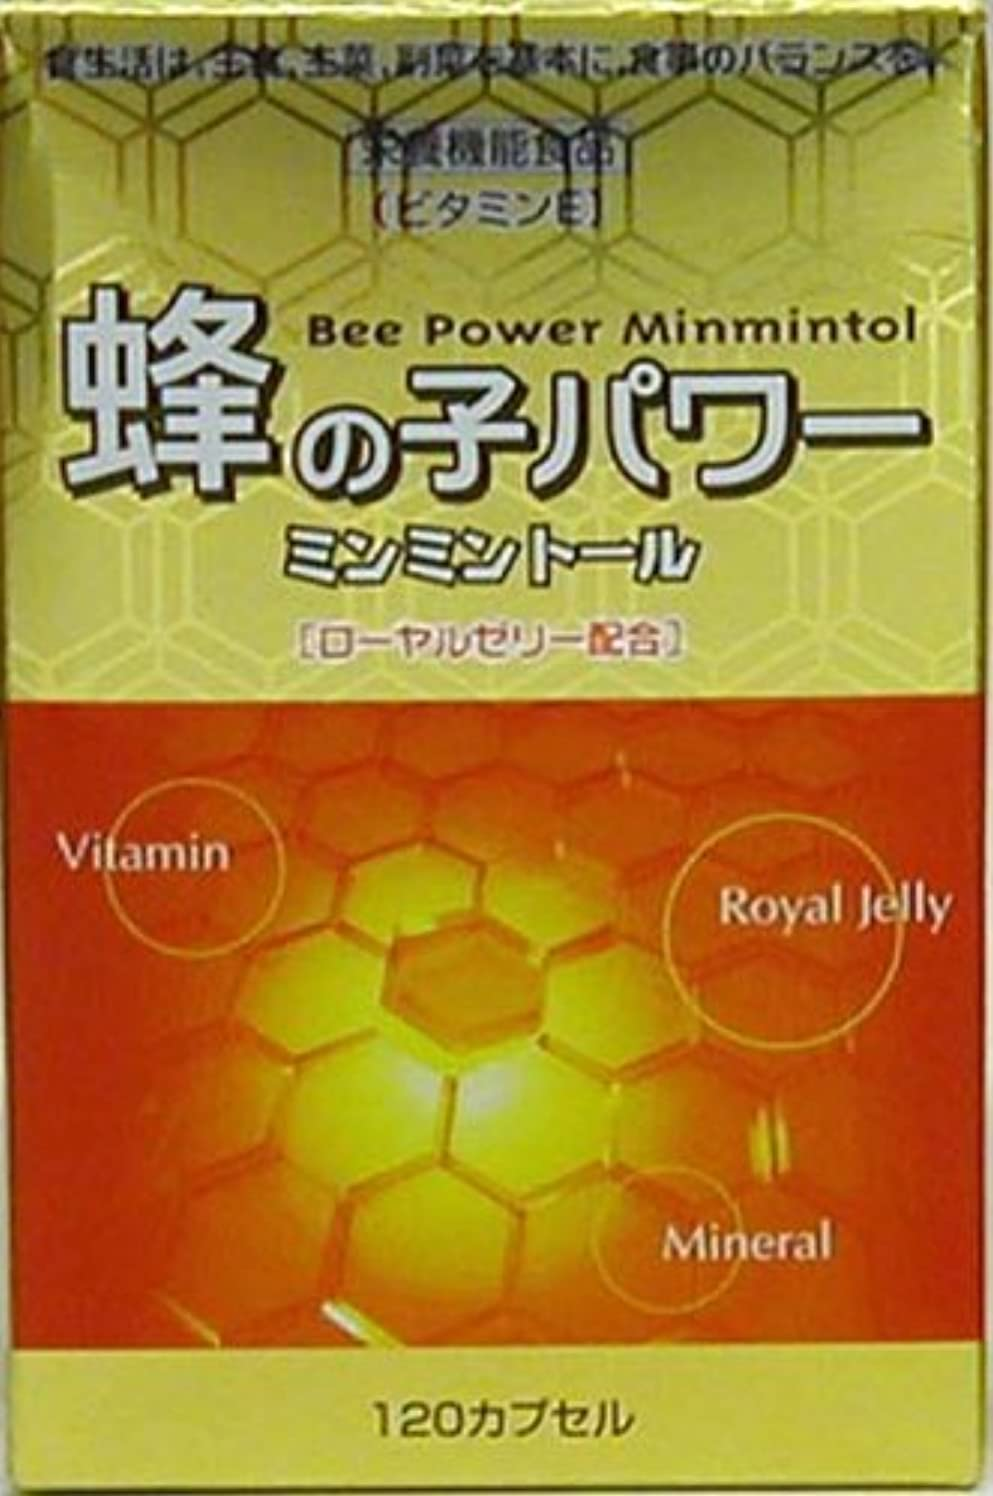 イソギンチャク空いているグリット蜂の子パワー ミンミントール120カプセル